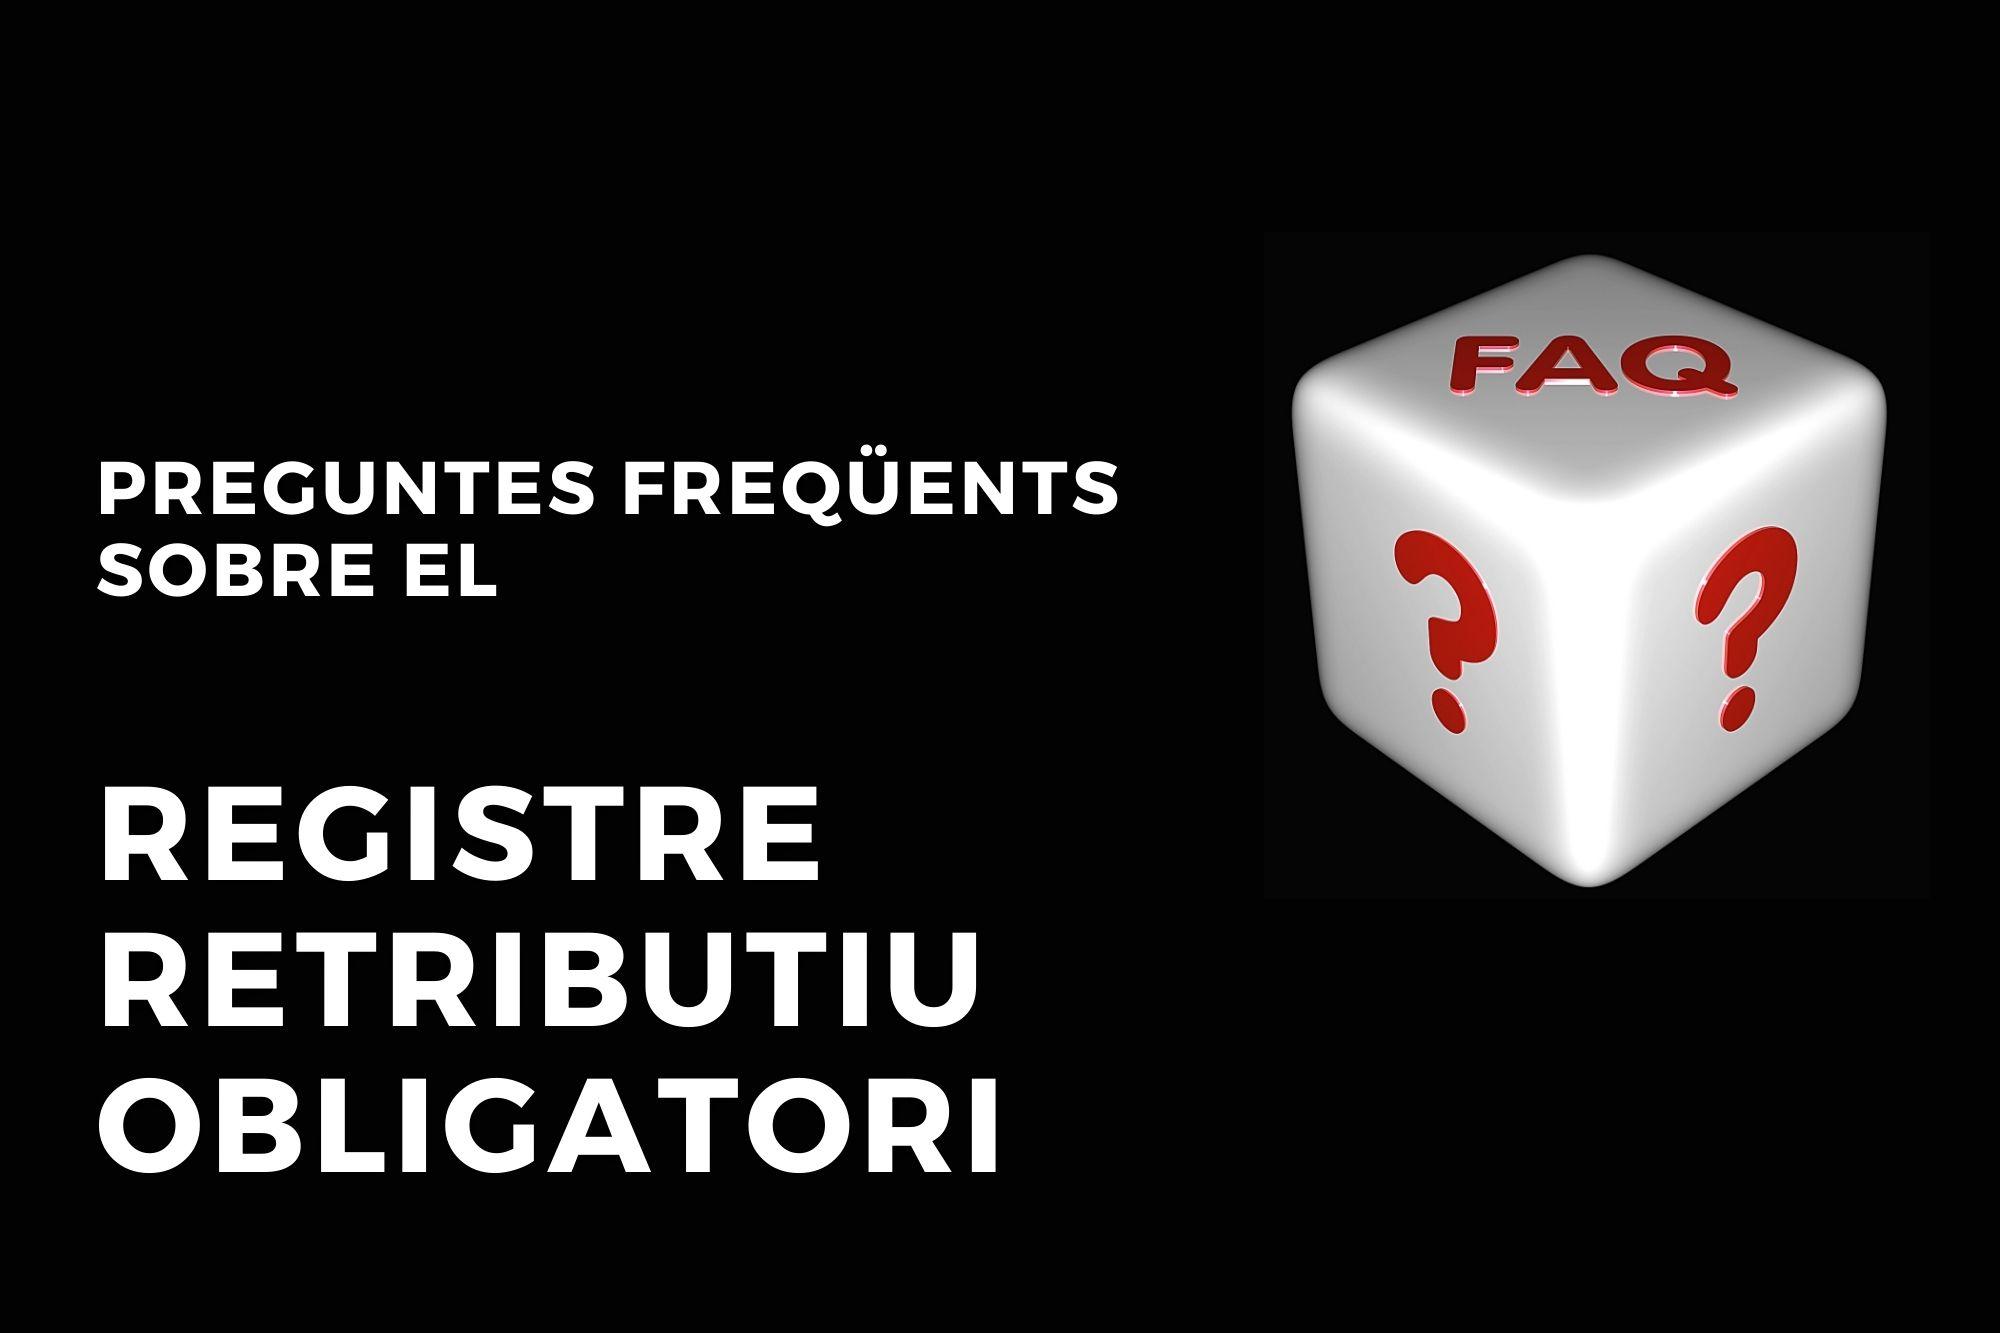 Preguntes Freqüents Sobre El Registre Retributiu Obligatori